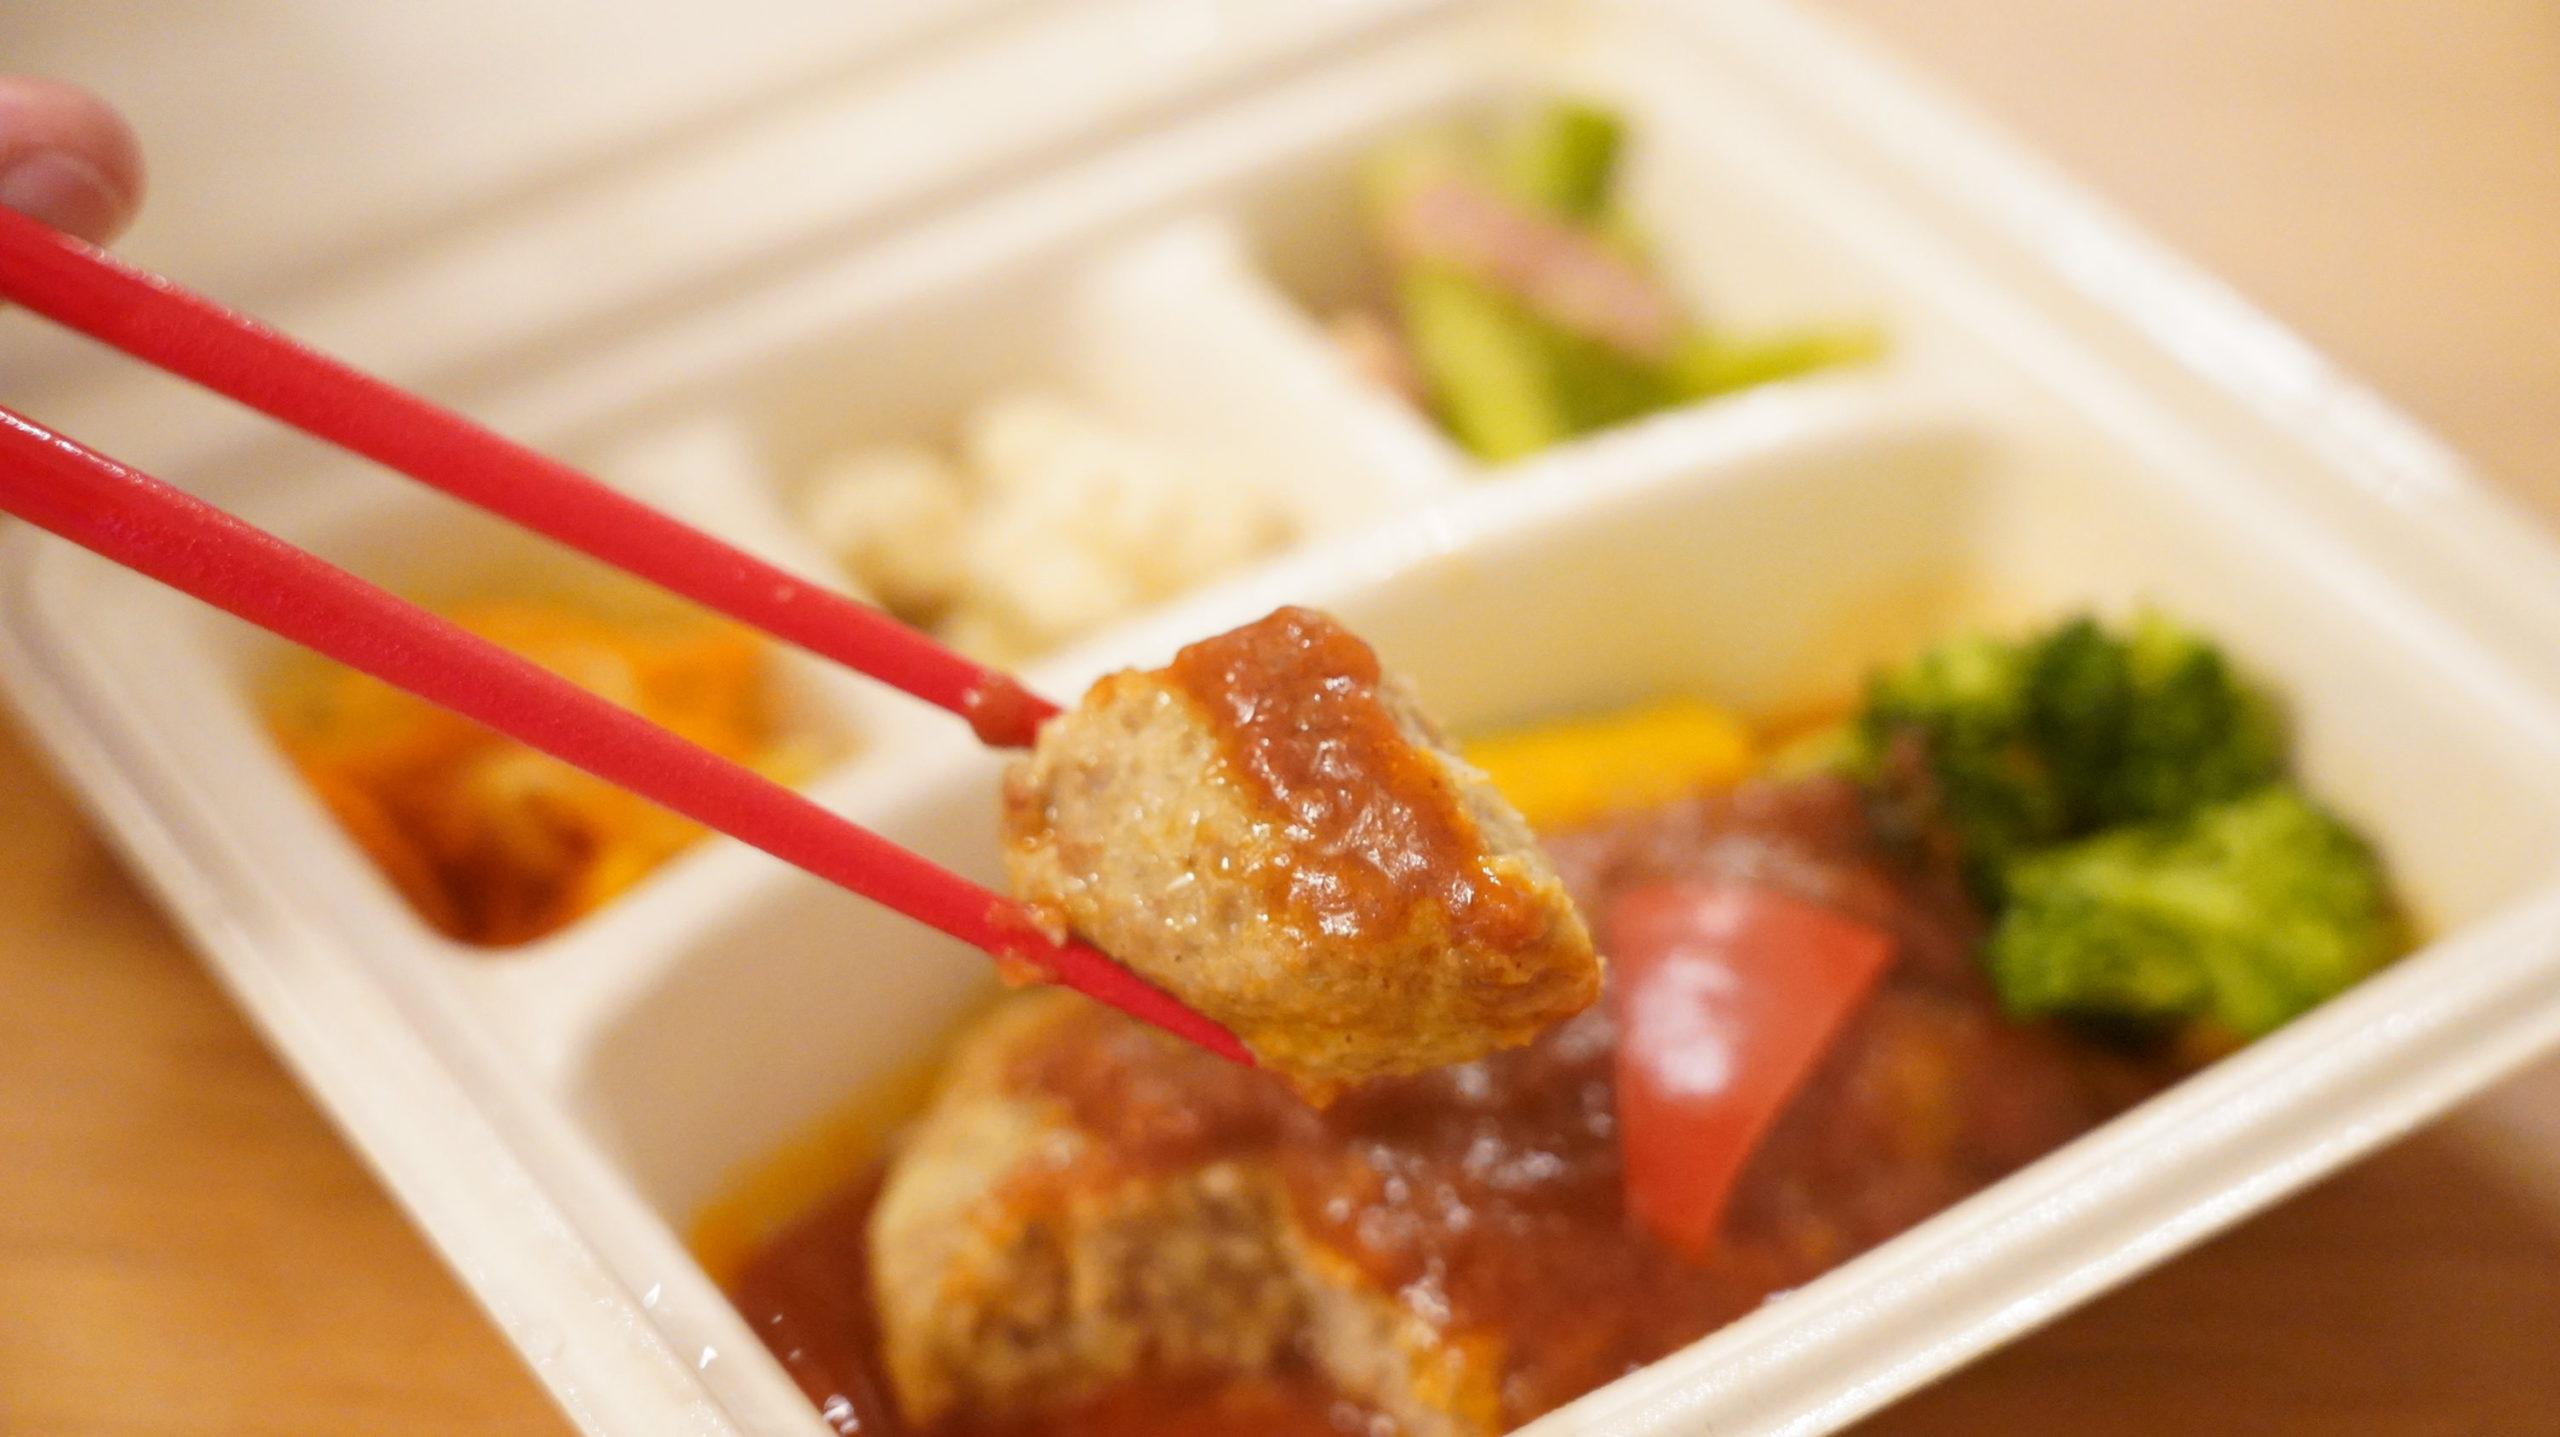 nosh(ナッシュ)の冷凍宅配弁当「ハンバーグと温野菜のデミ」のハンバーグの写真